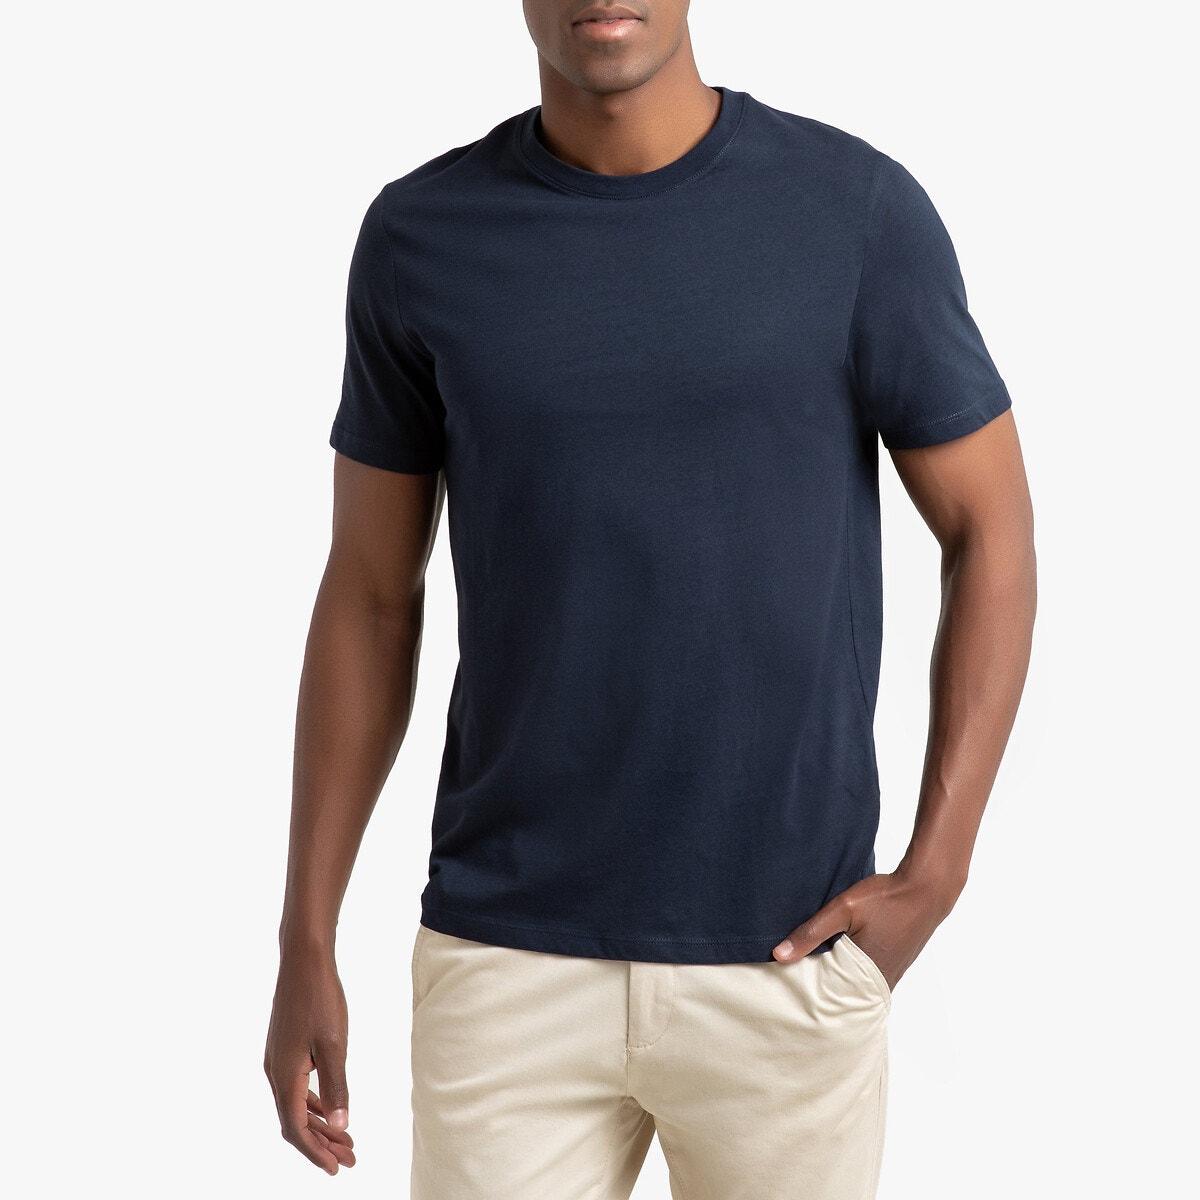 Κοντομάνικη μπλούζα με στρογγυλή λαιμόκοψη. Από 100% βαμβάκι. Με πιστοποίηση Oeko-Tex® που εγγυάται την απουσία βλαβερών ουσιών.Μήκος: 72 εκ.Πλύσιμο στους 40°C.